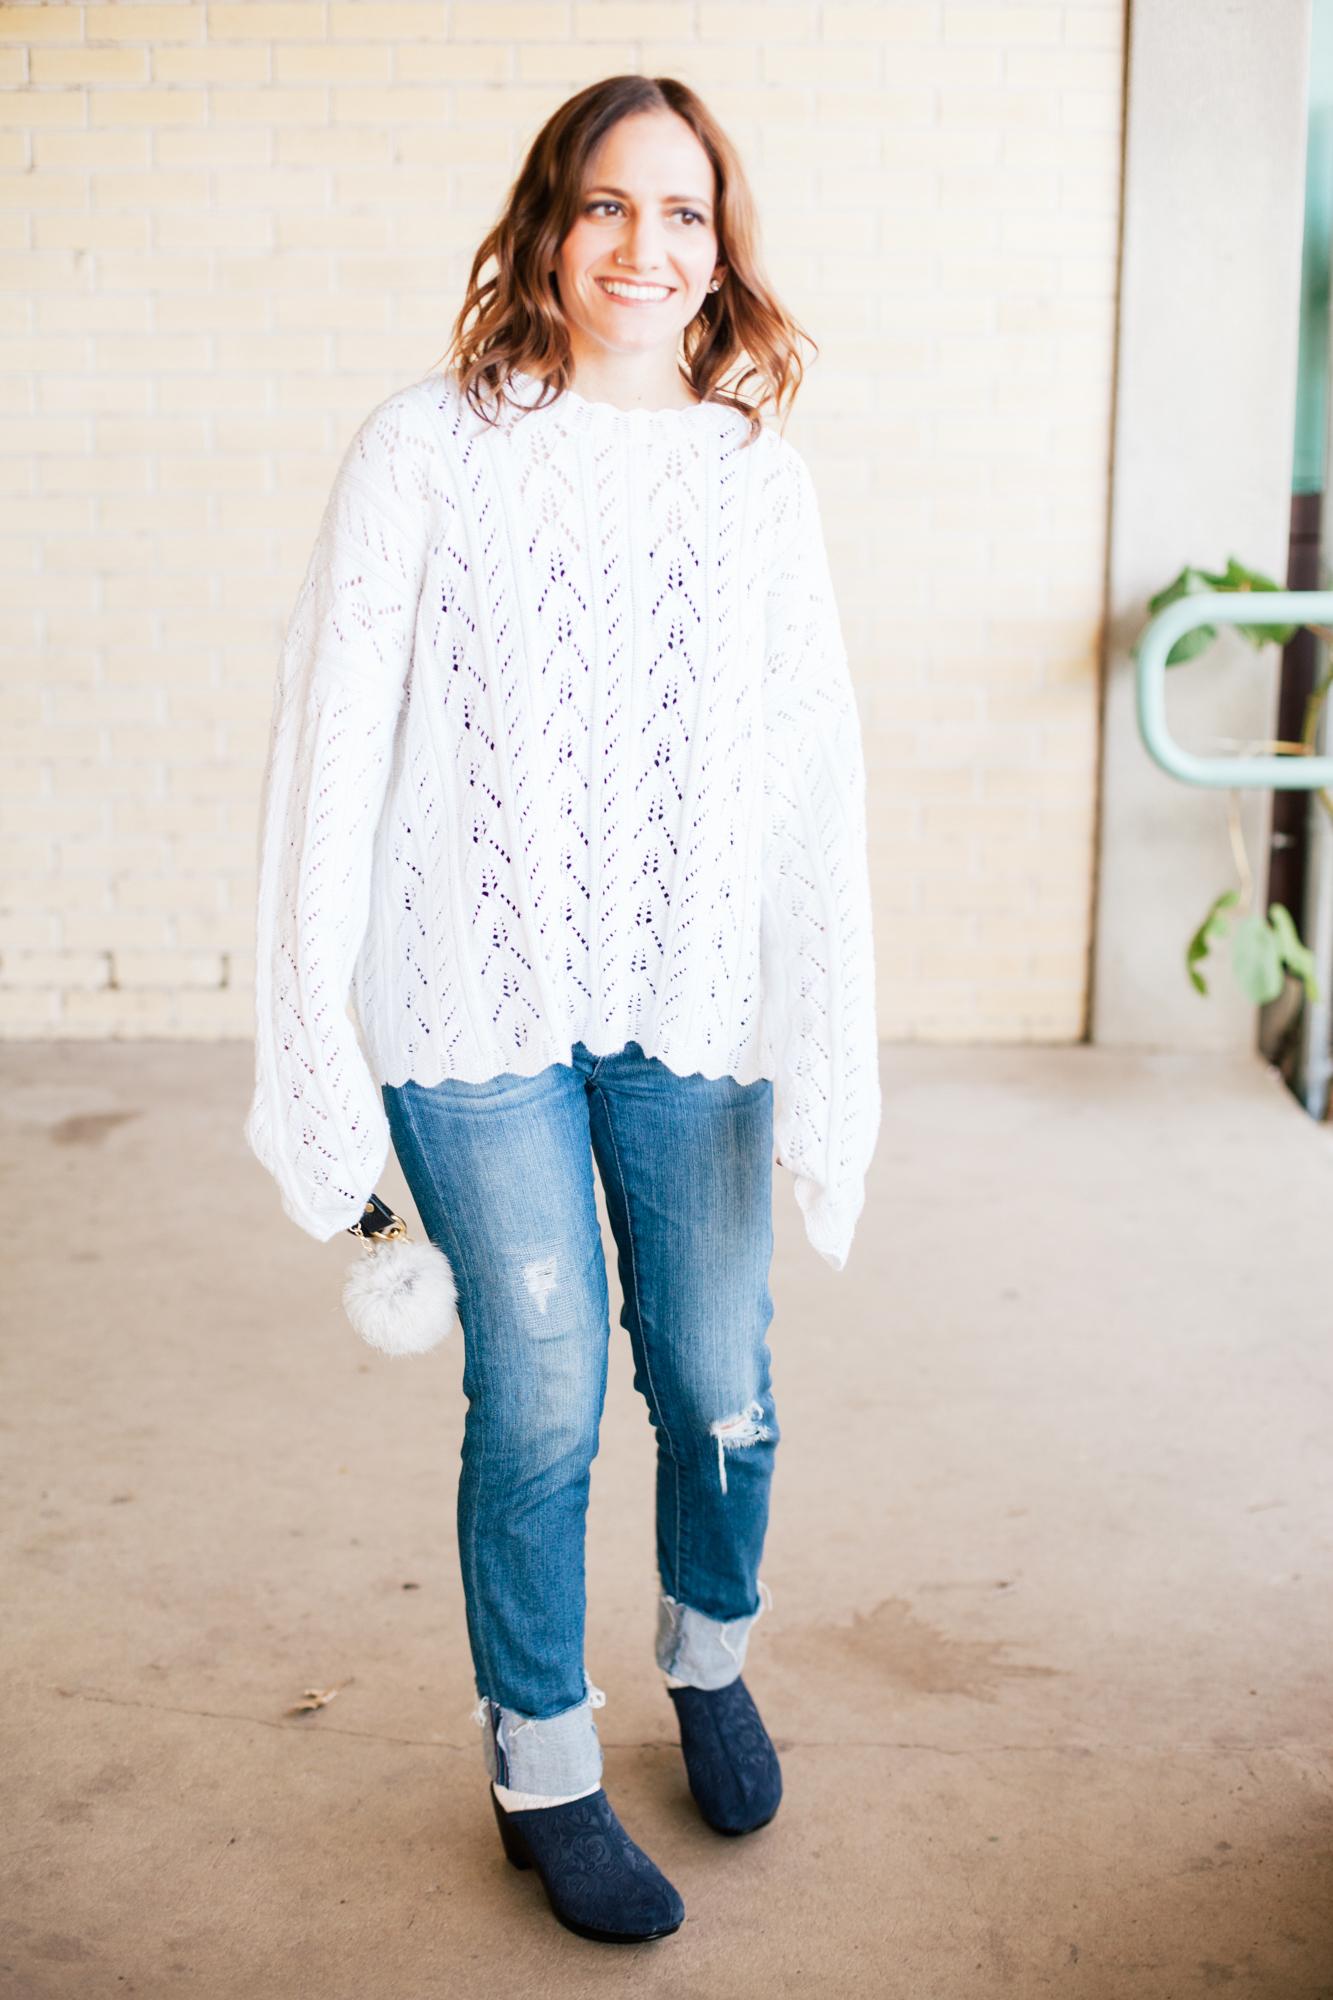 whitesweaterwarbyparkerglasses-7